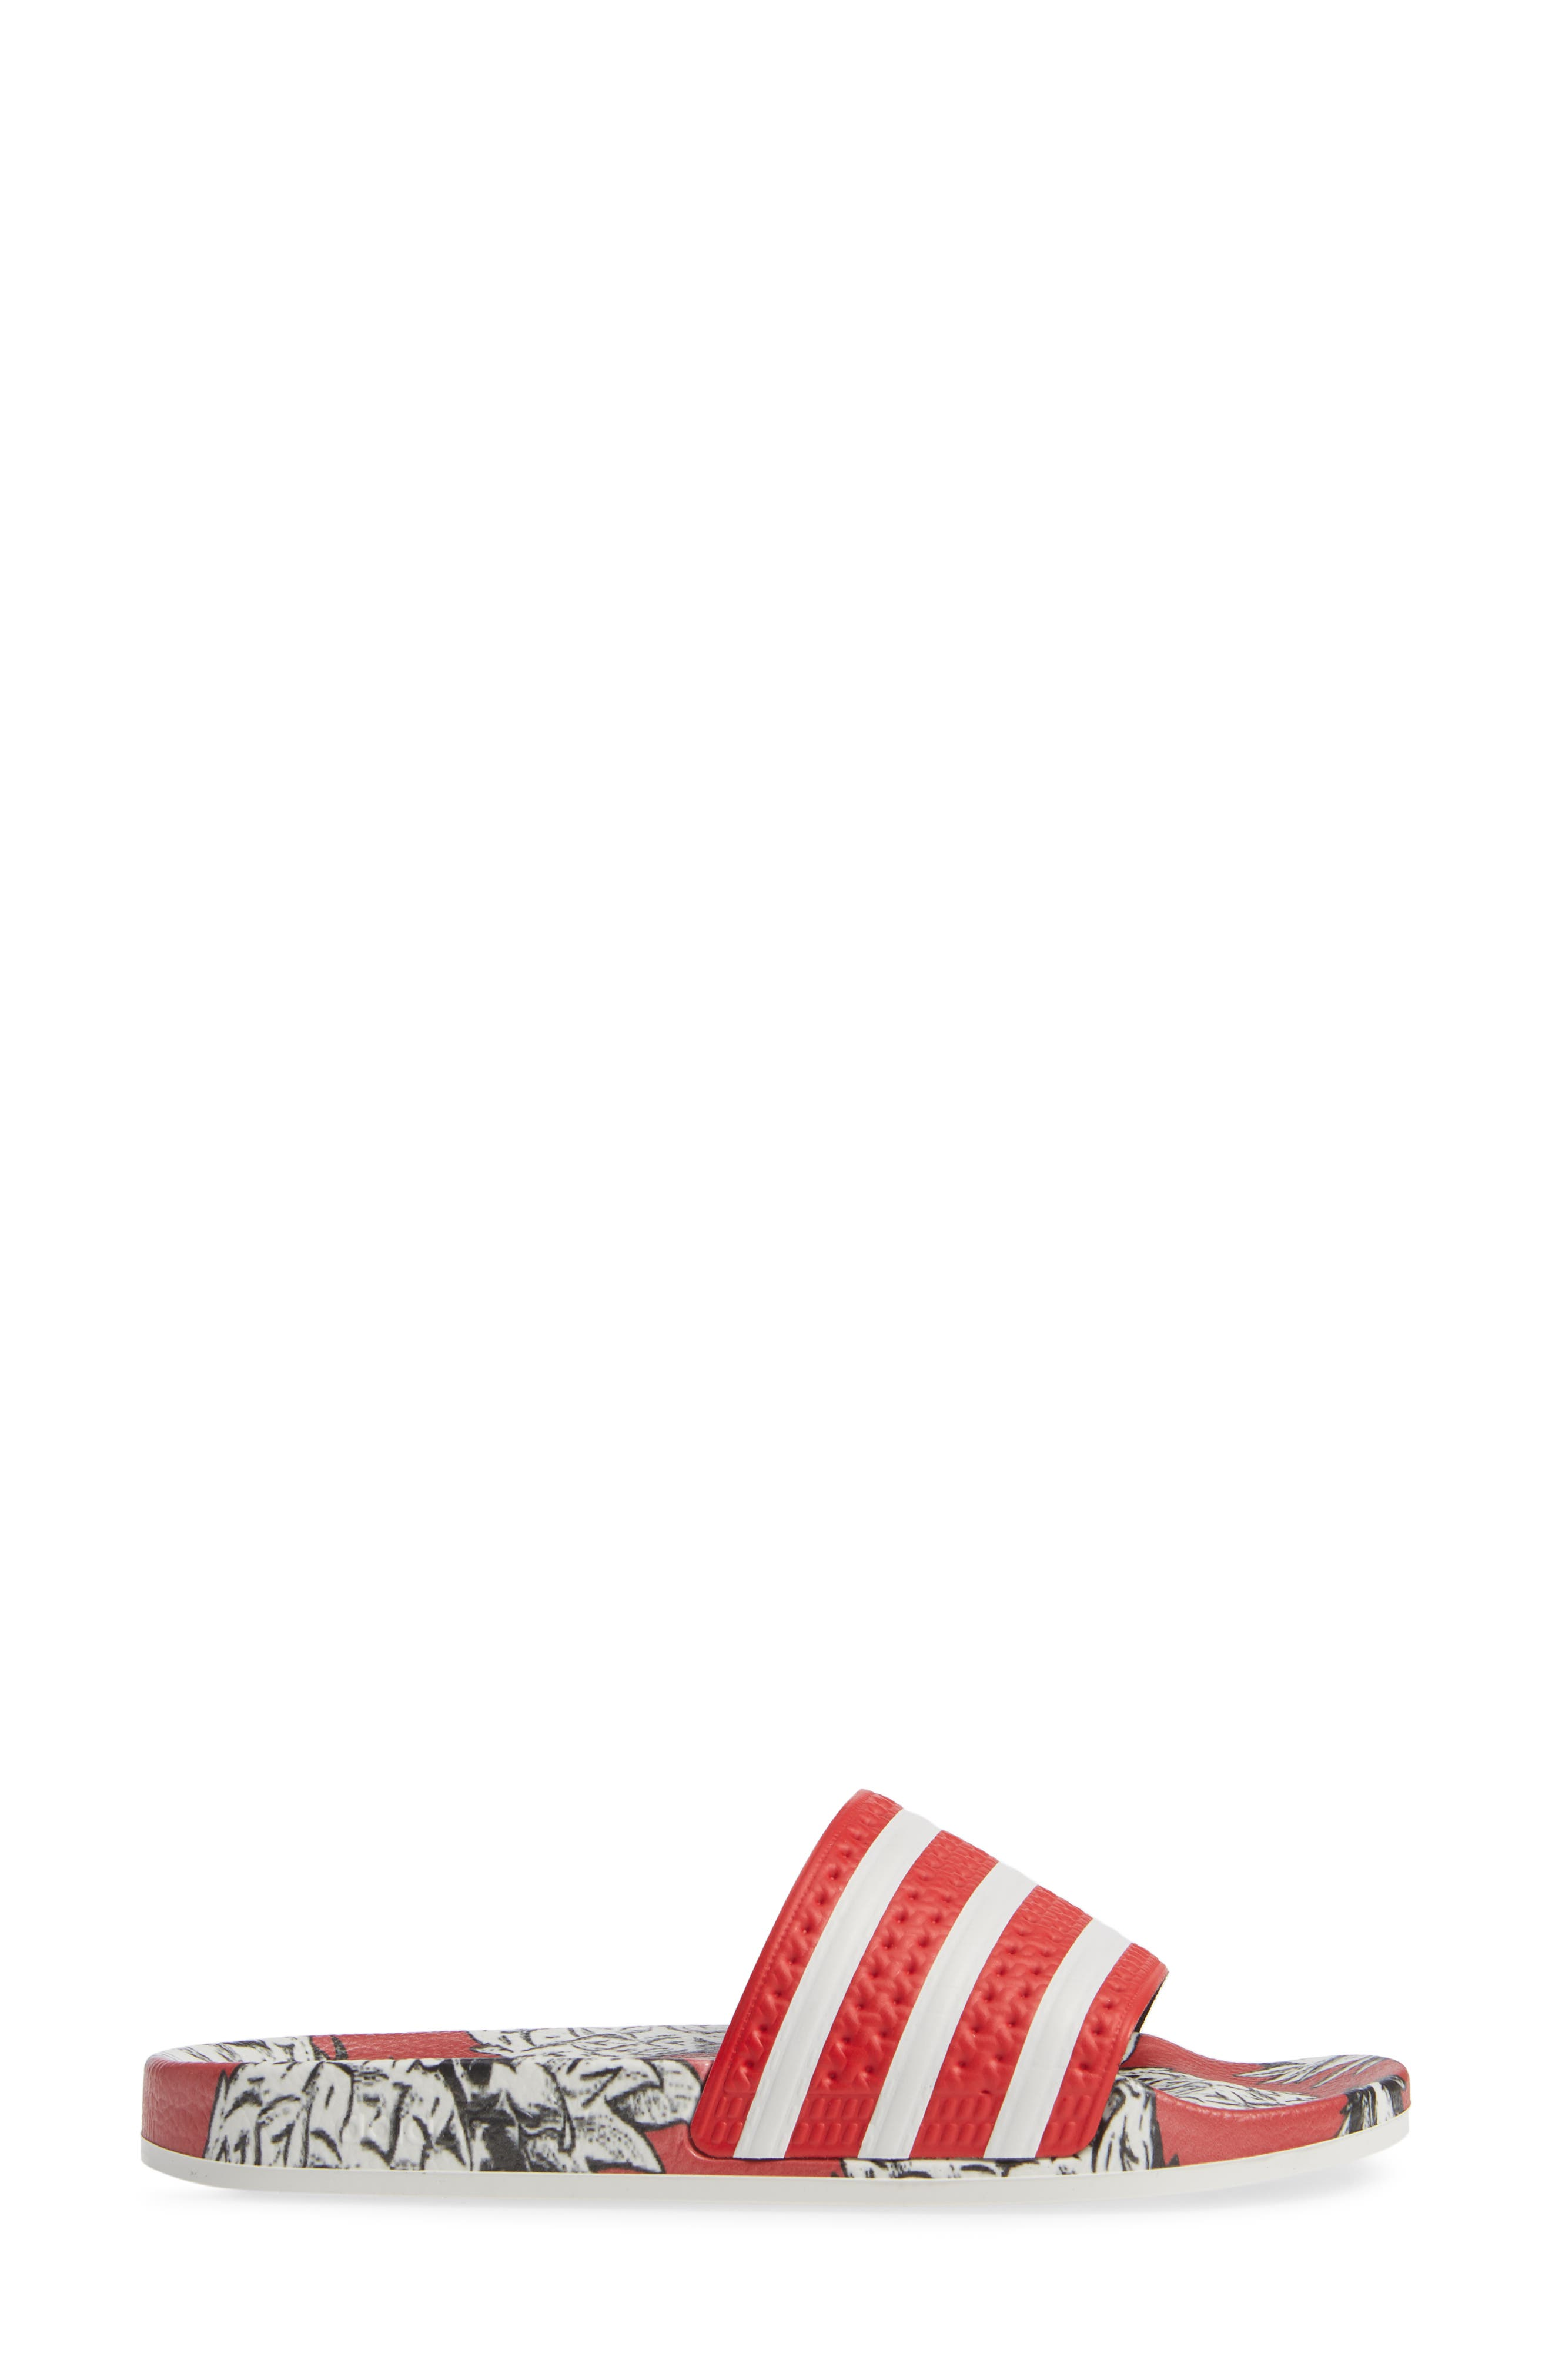 Adilette Sport Slide,                             Alternate thumbnail 3, color,                             SCARLET/ OFF WHITE/ SCARLET